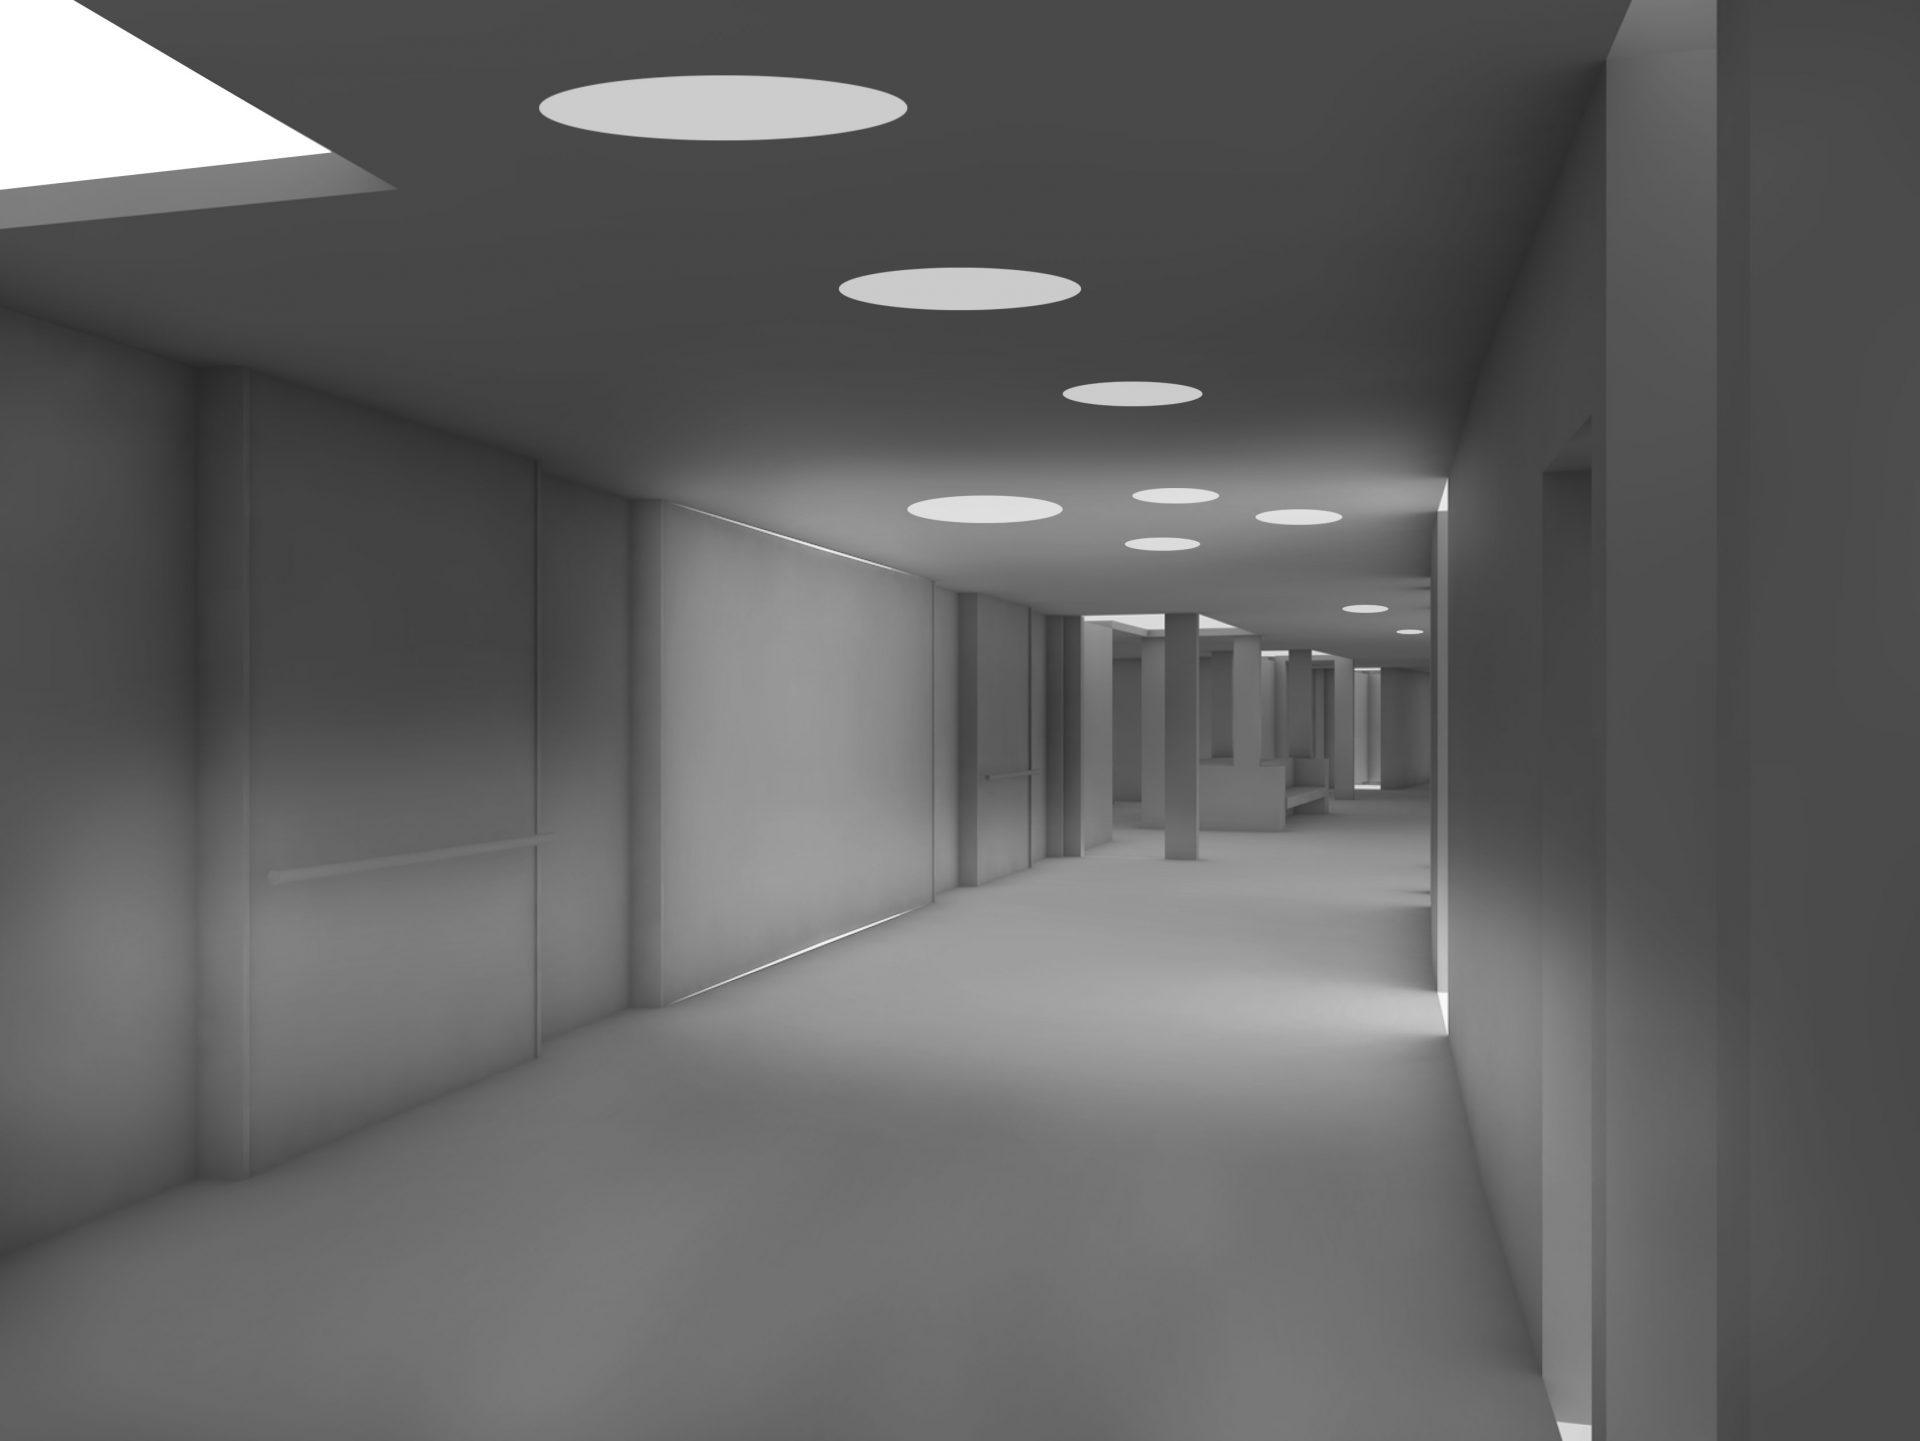 scheuber visualisierung lichtkonzept